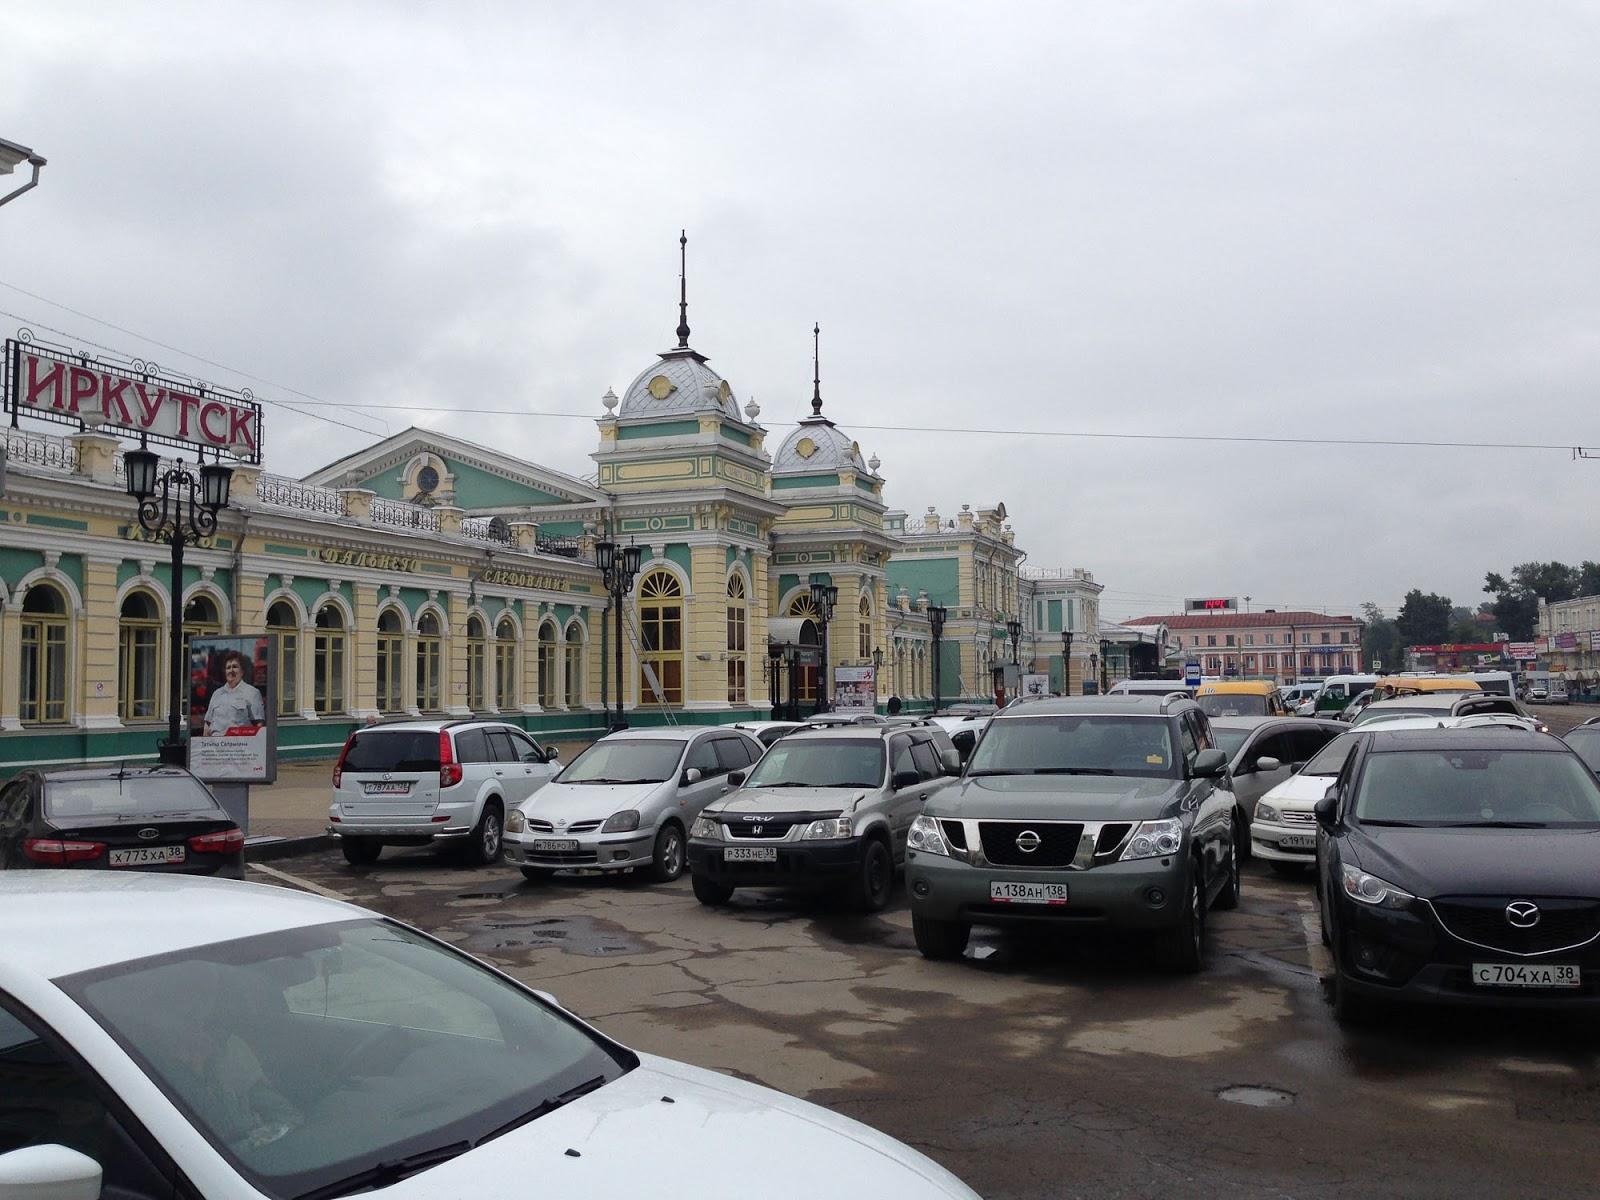 Автостоп Москва-Владивосток: День шестнадцатый. Прогулки по Аршану. Турбаза, буузы, водопад, ночной клуб и бурундуки.